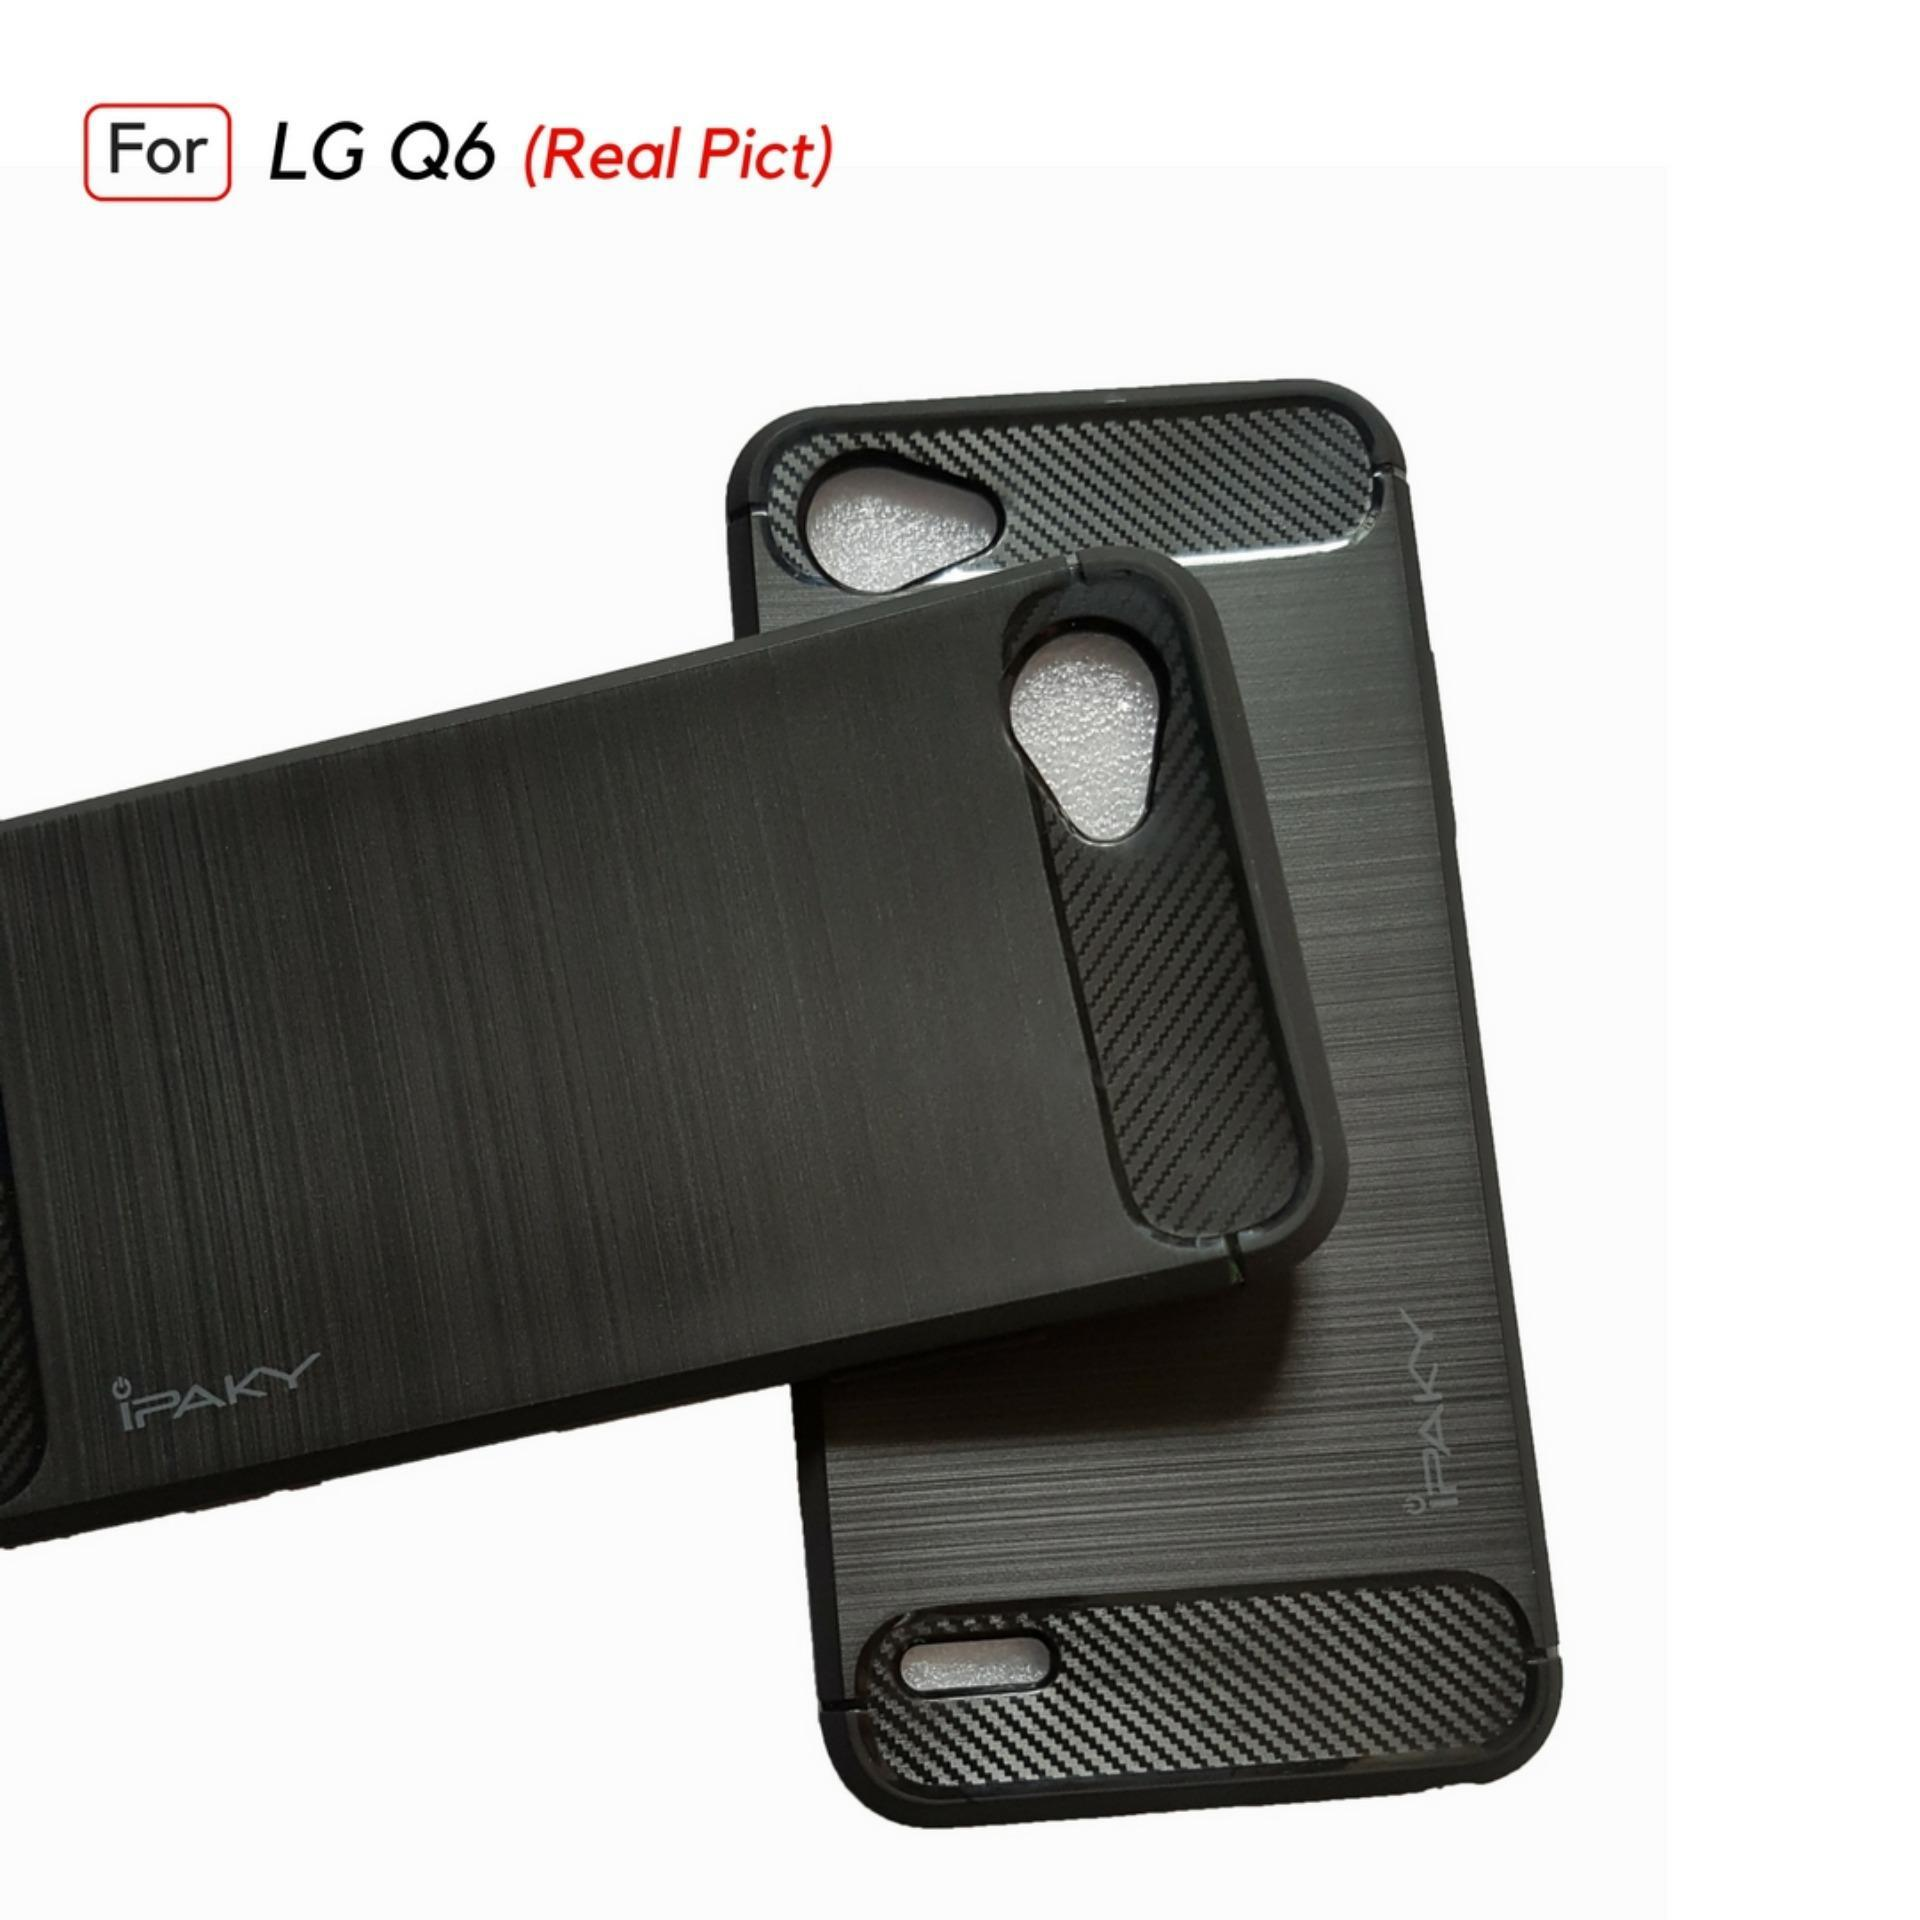 Jak Shop Armor Carbon Case For LG Q6 - Black - 3 .